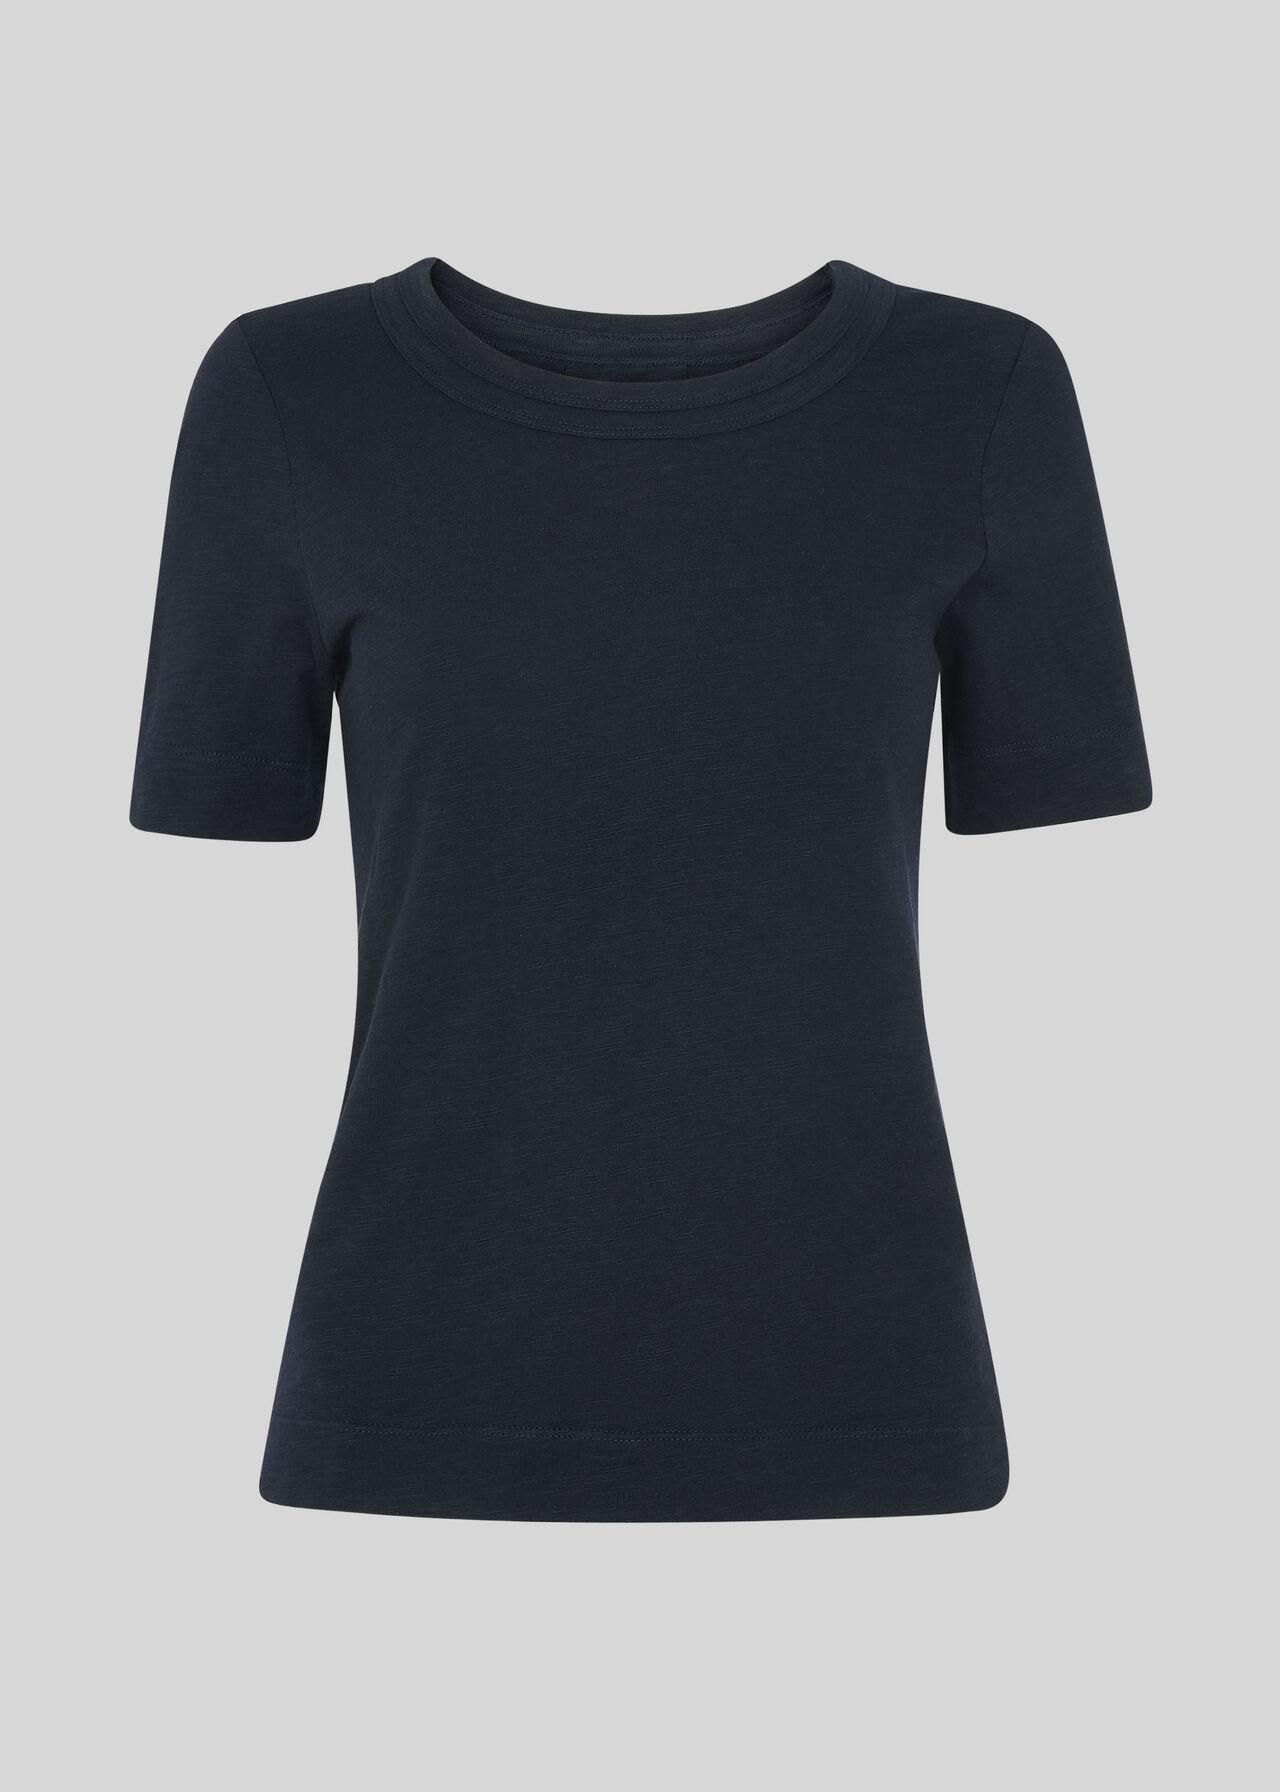 Rosa Double Trim T-shirt Navy